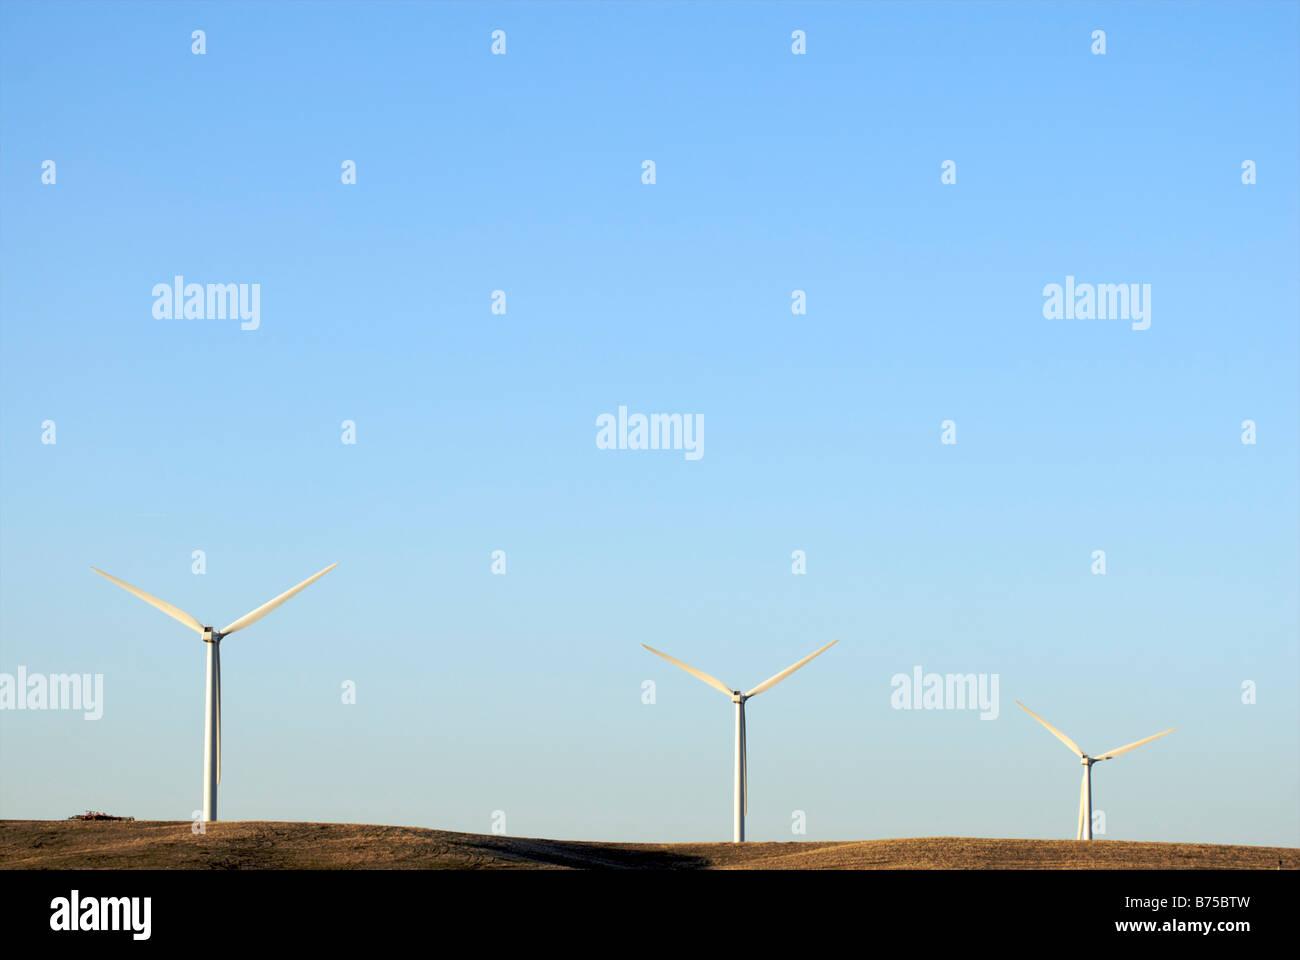 Three wind turbines - Stock Image